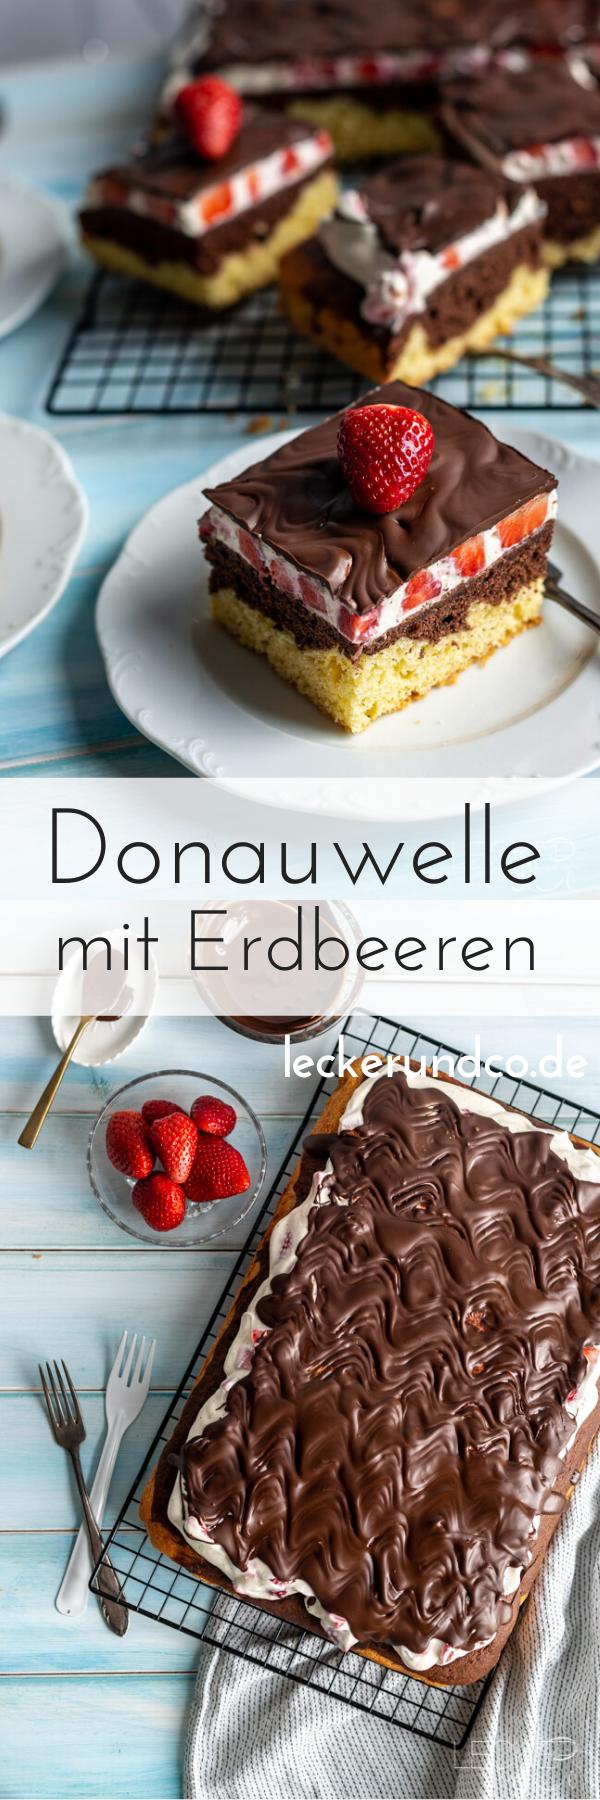 Donauwelle mit Erdbeeren | LECKER&Co